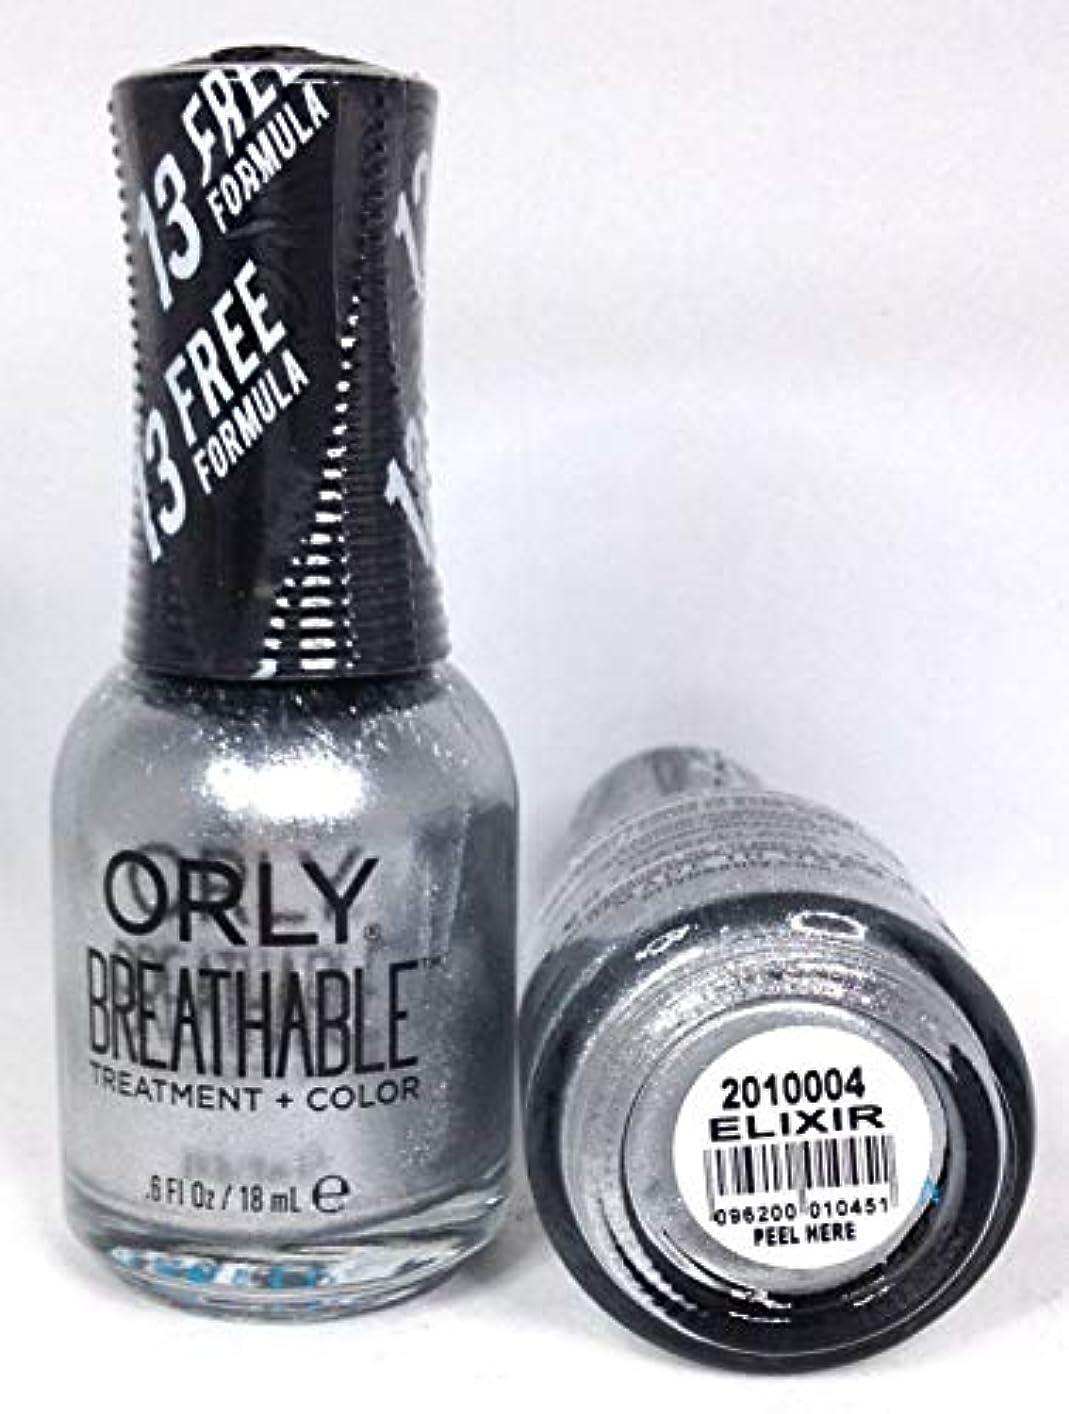 マニアック講堂生物学ORLY Breathable Lacquer - Treatment+Color - Elixir - 18 mL / 0.6 oz